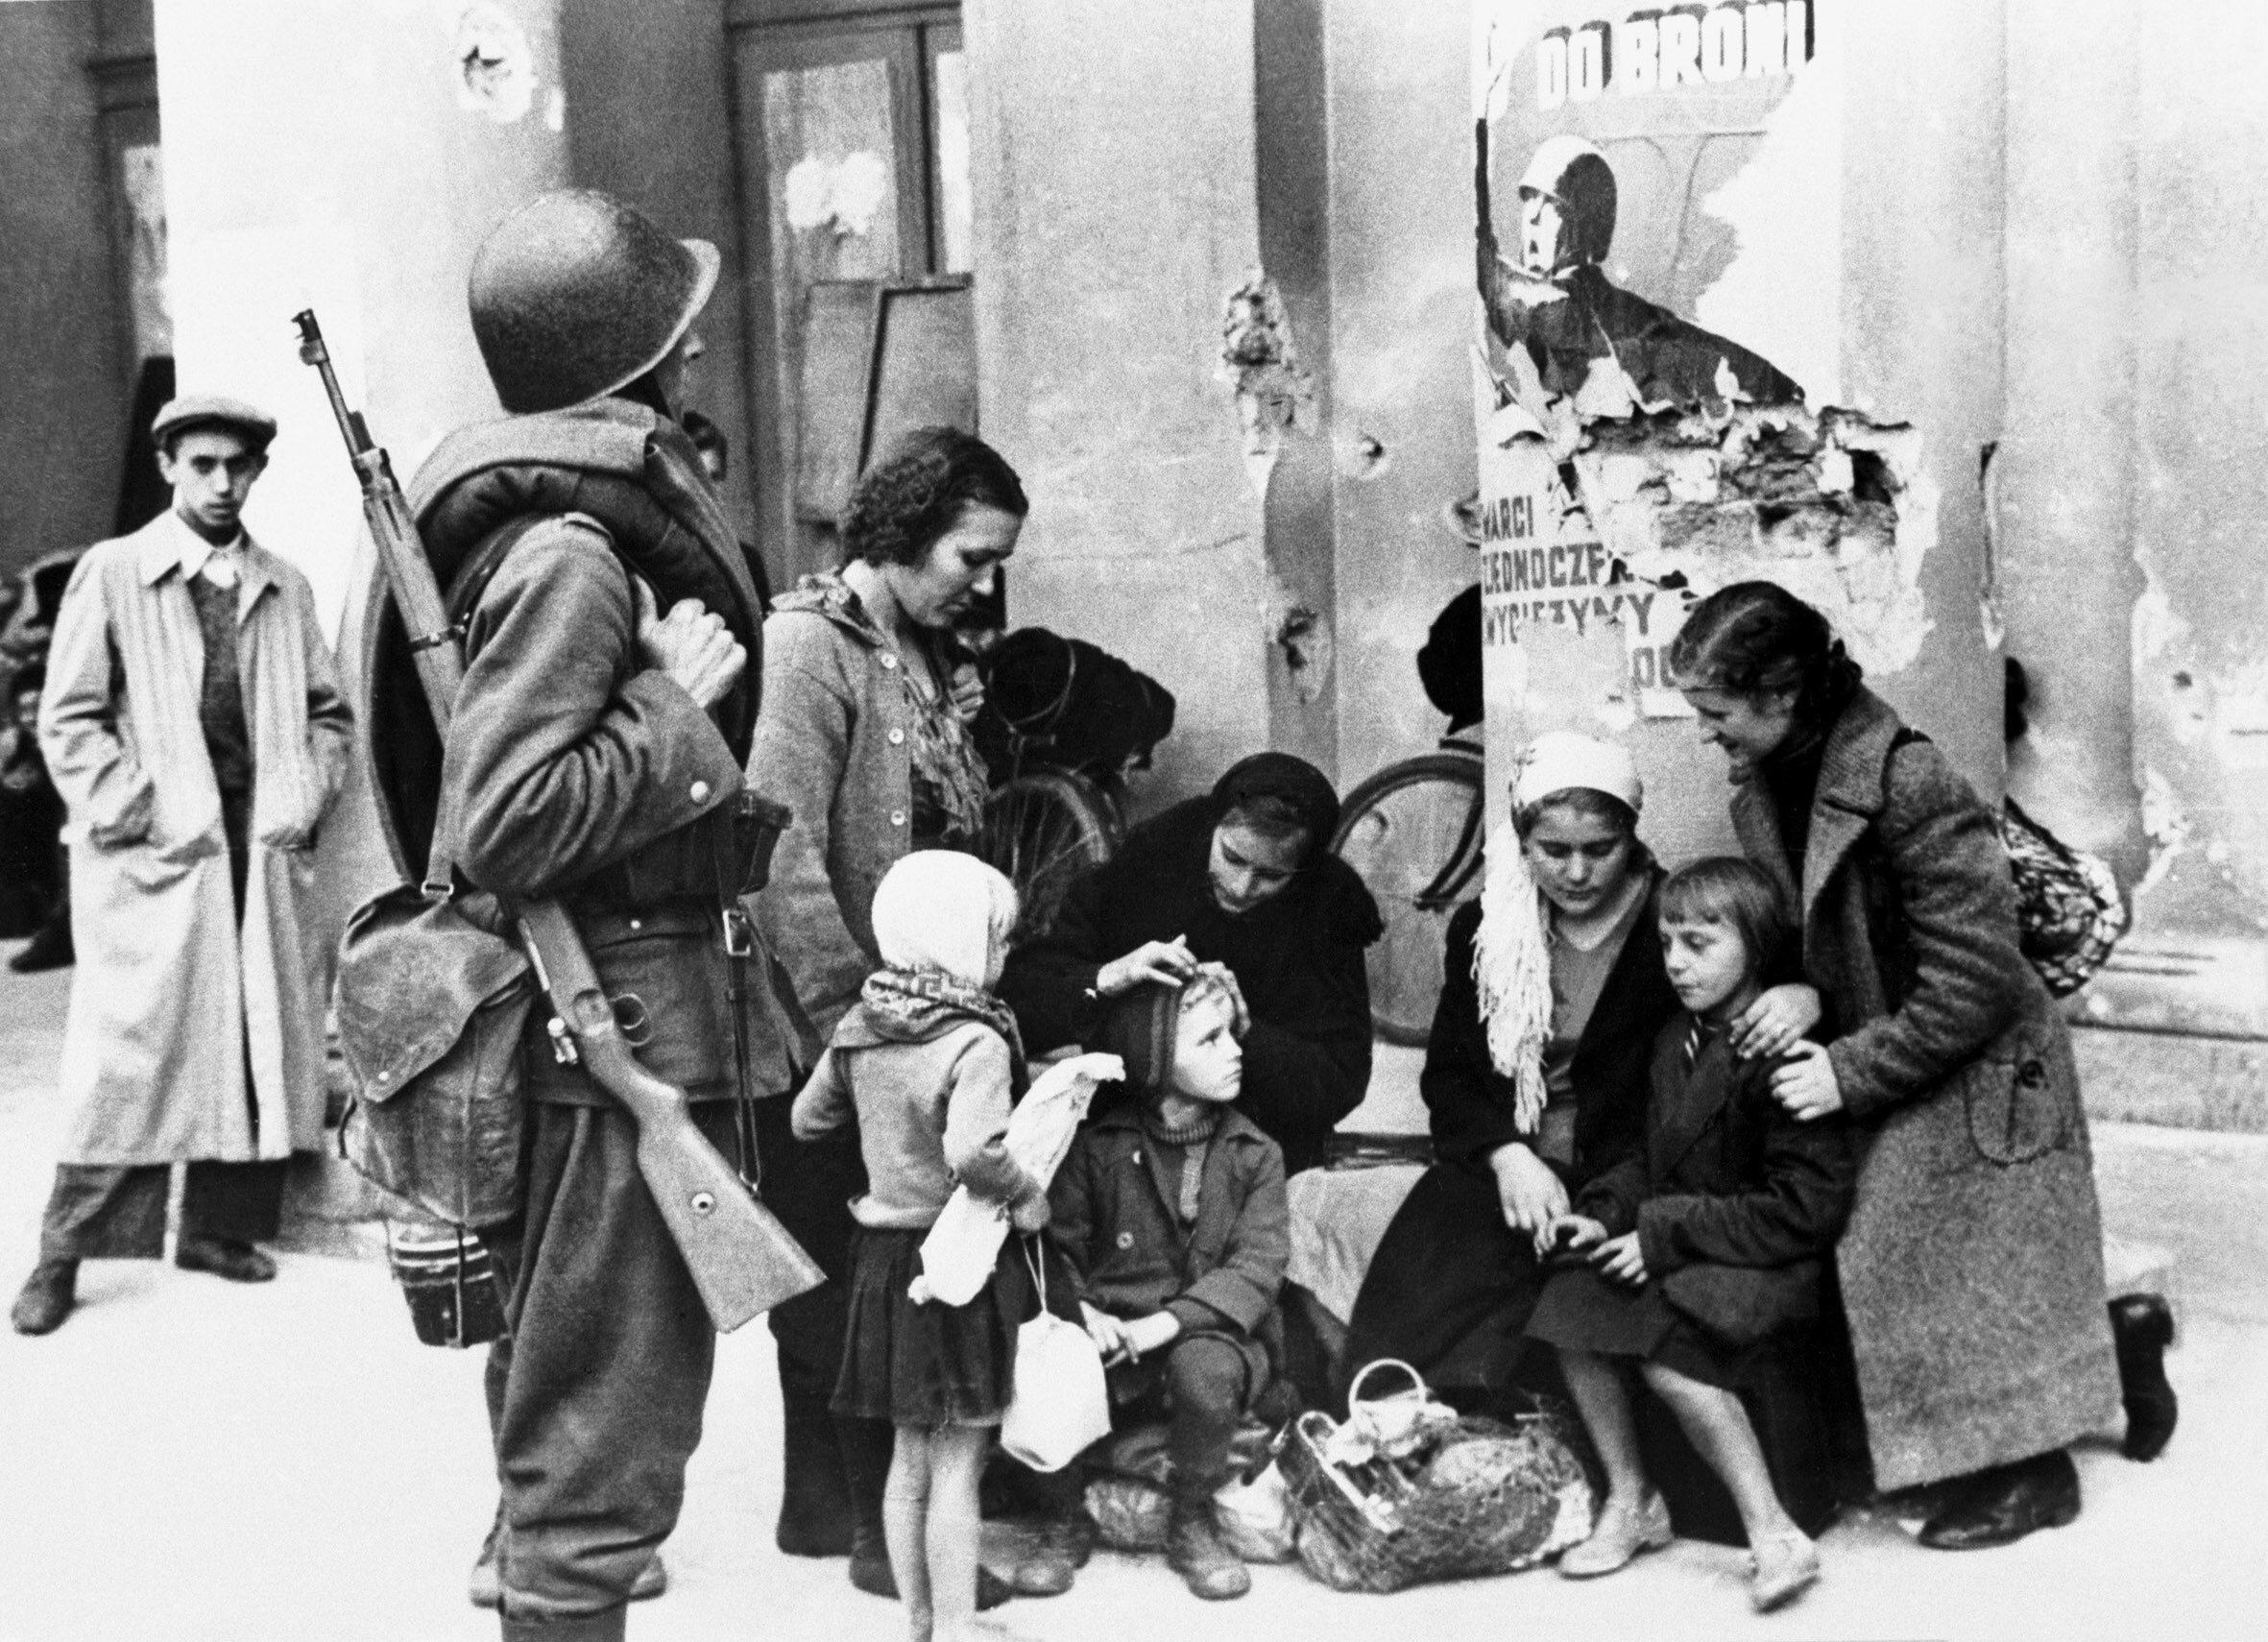 Uciekinierzy w oblężonej Warszawie Polski żołnierz i rodzina, która uciekła przed Niemcami, przy kolumnie Opery w oblężonej Warszawie. Fotografia Juliena Bryana.